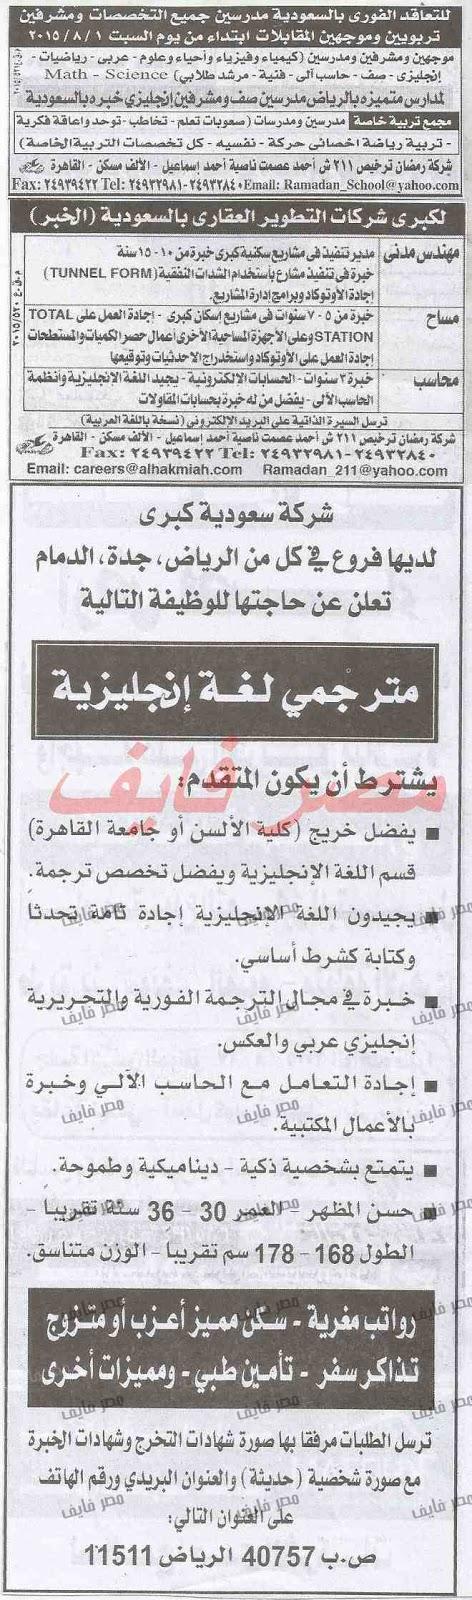 وظائف خالية اليوم من جريدة الاهرام